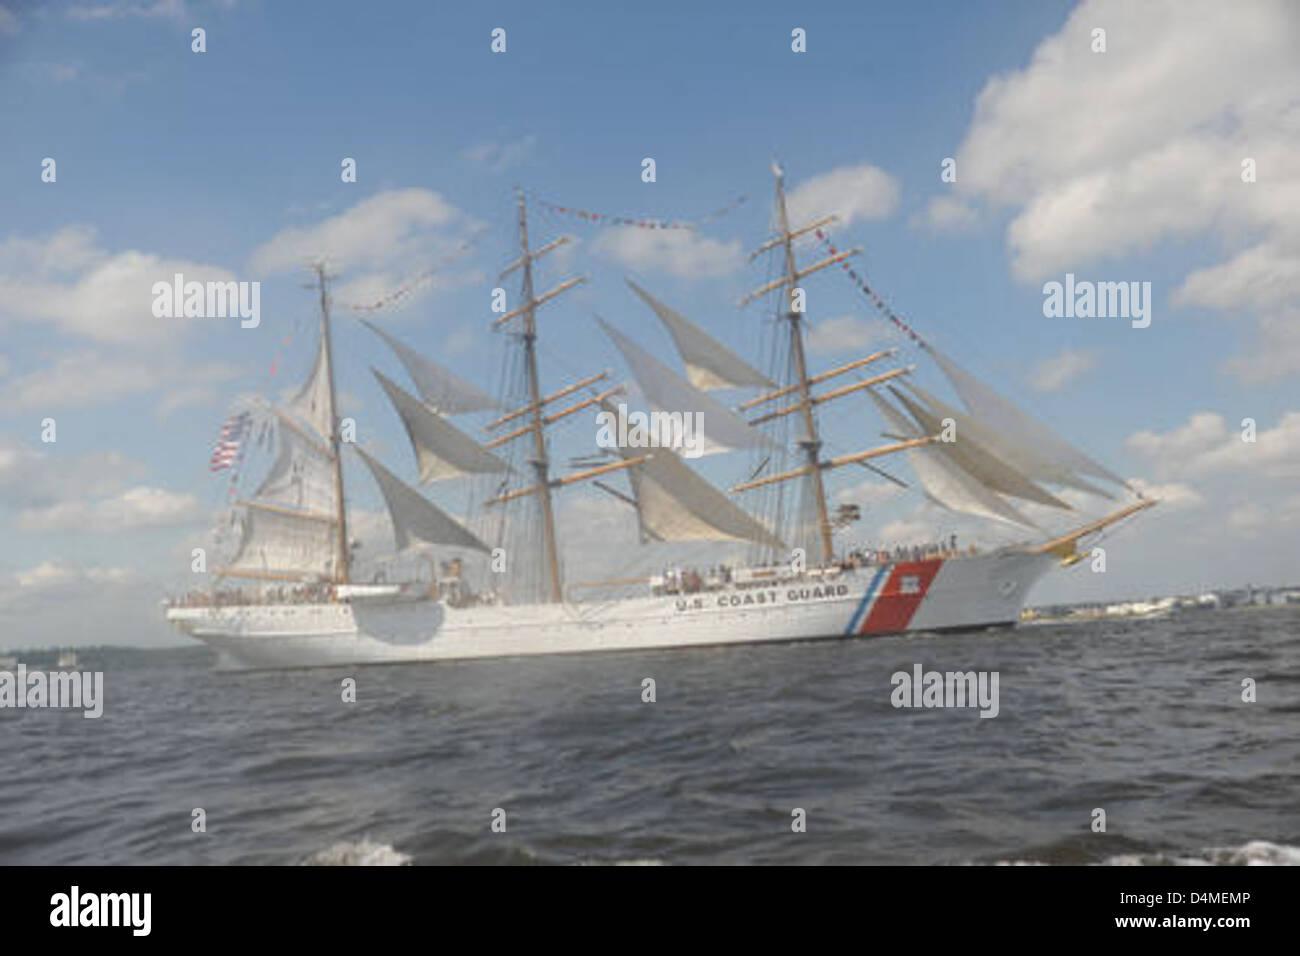 Coast Guard Cutter Eagle - Stock Image